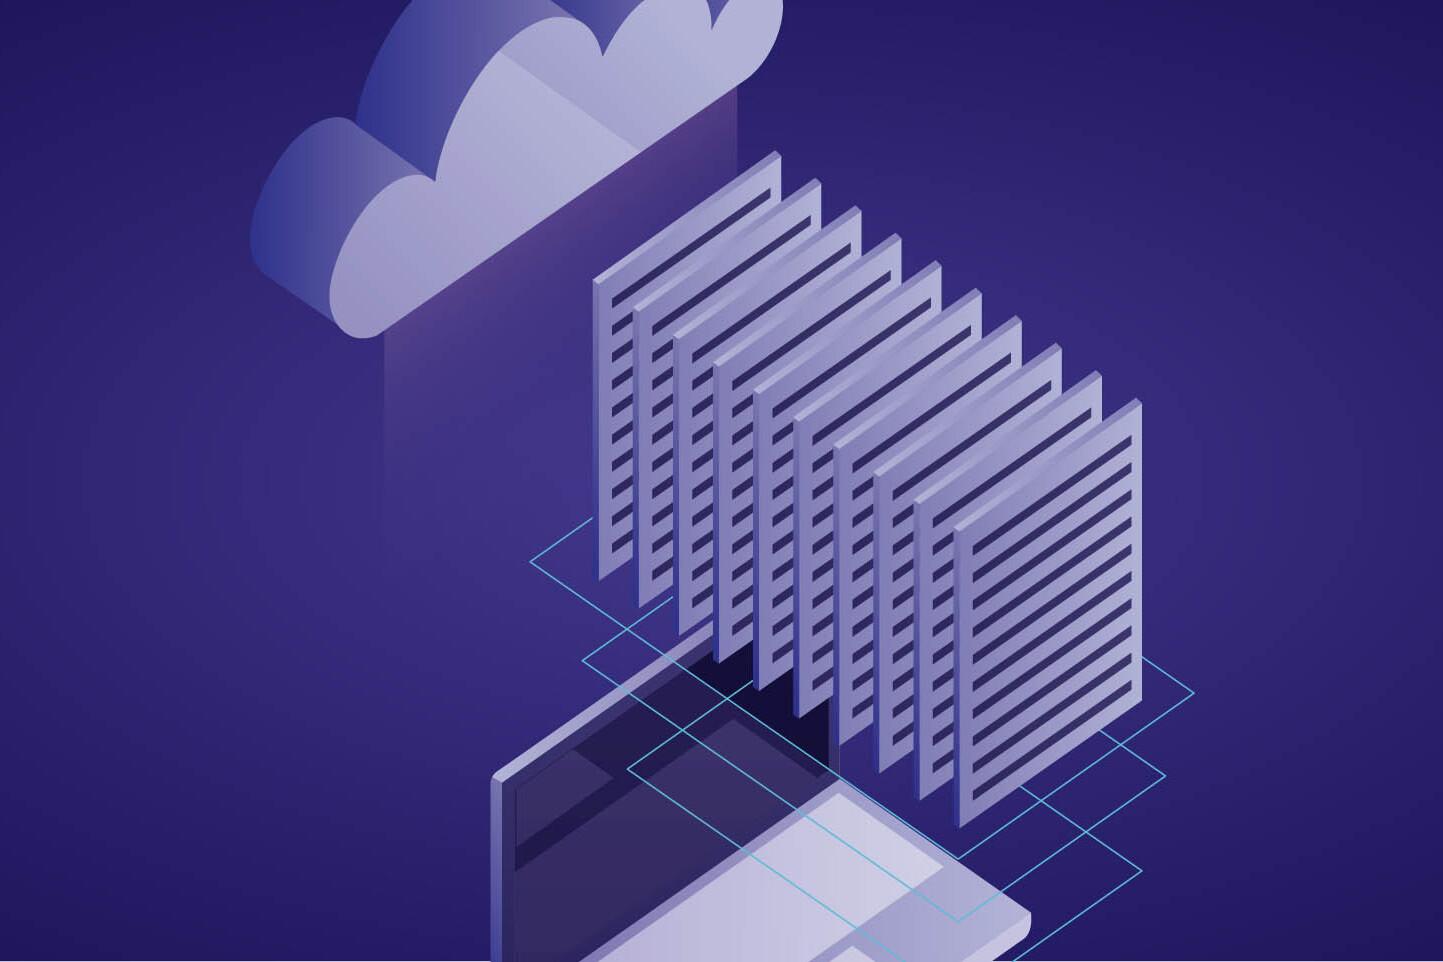 Dati del pc al sicuro caricati su un cloud privato